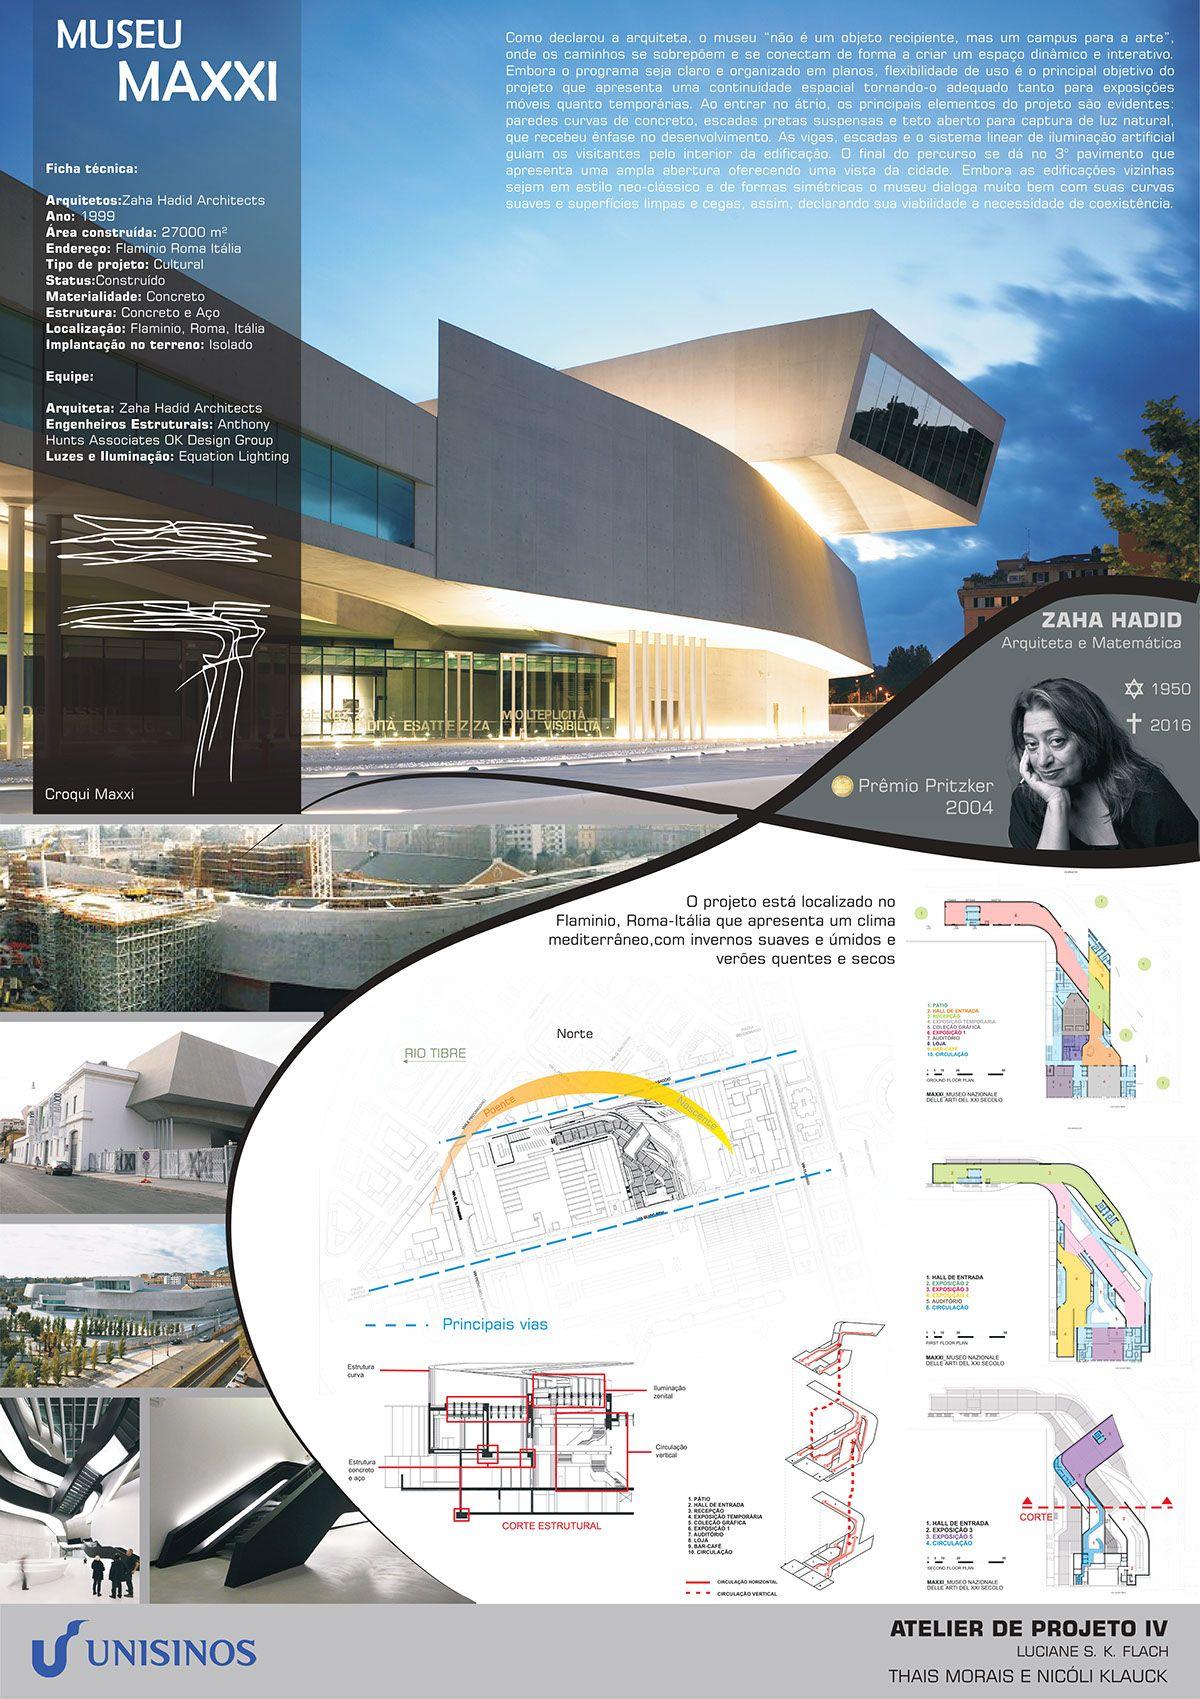 diagramação de pranchas presentation pinterest architecture